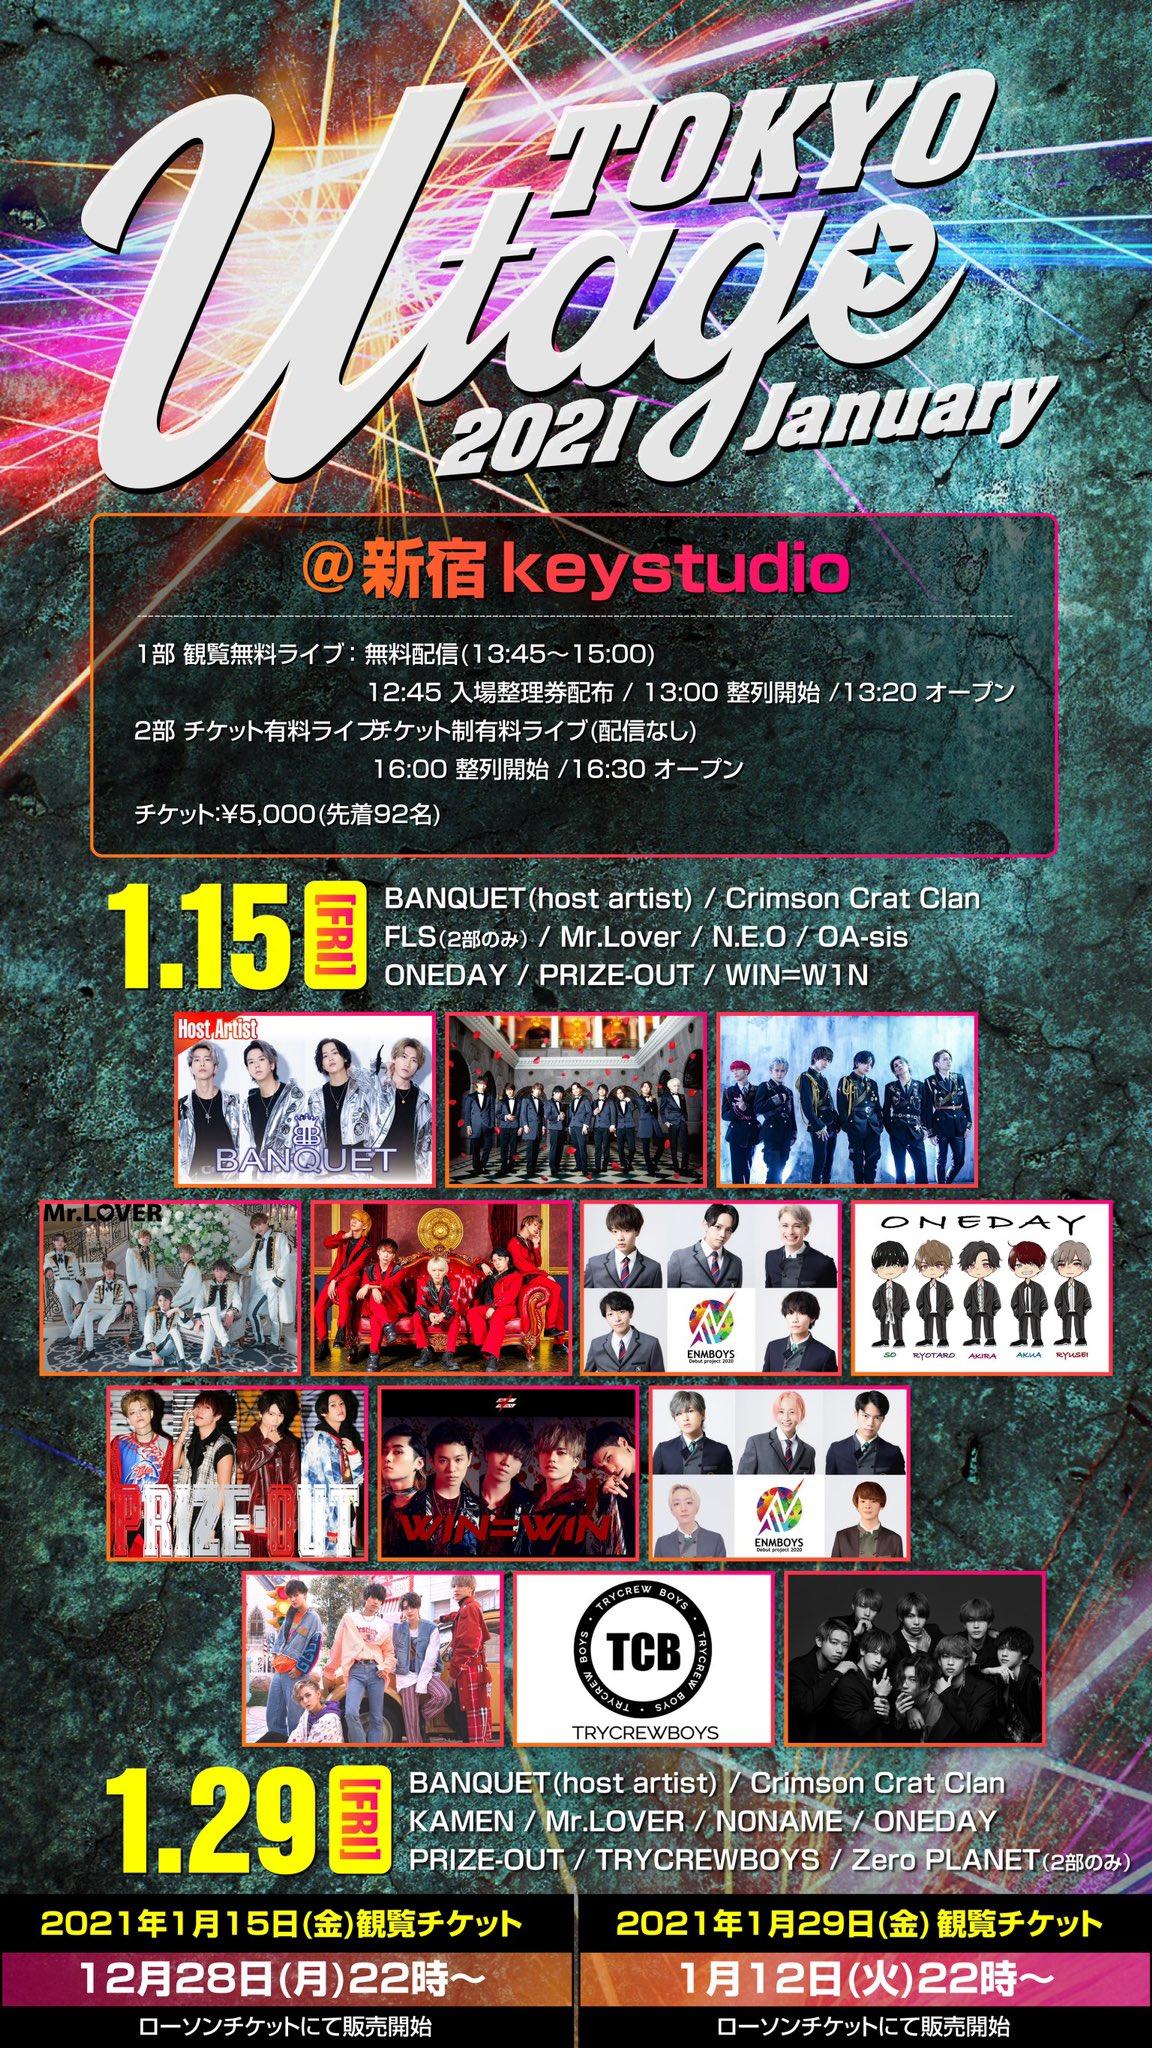 Utage☆2021 January